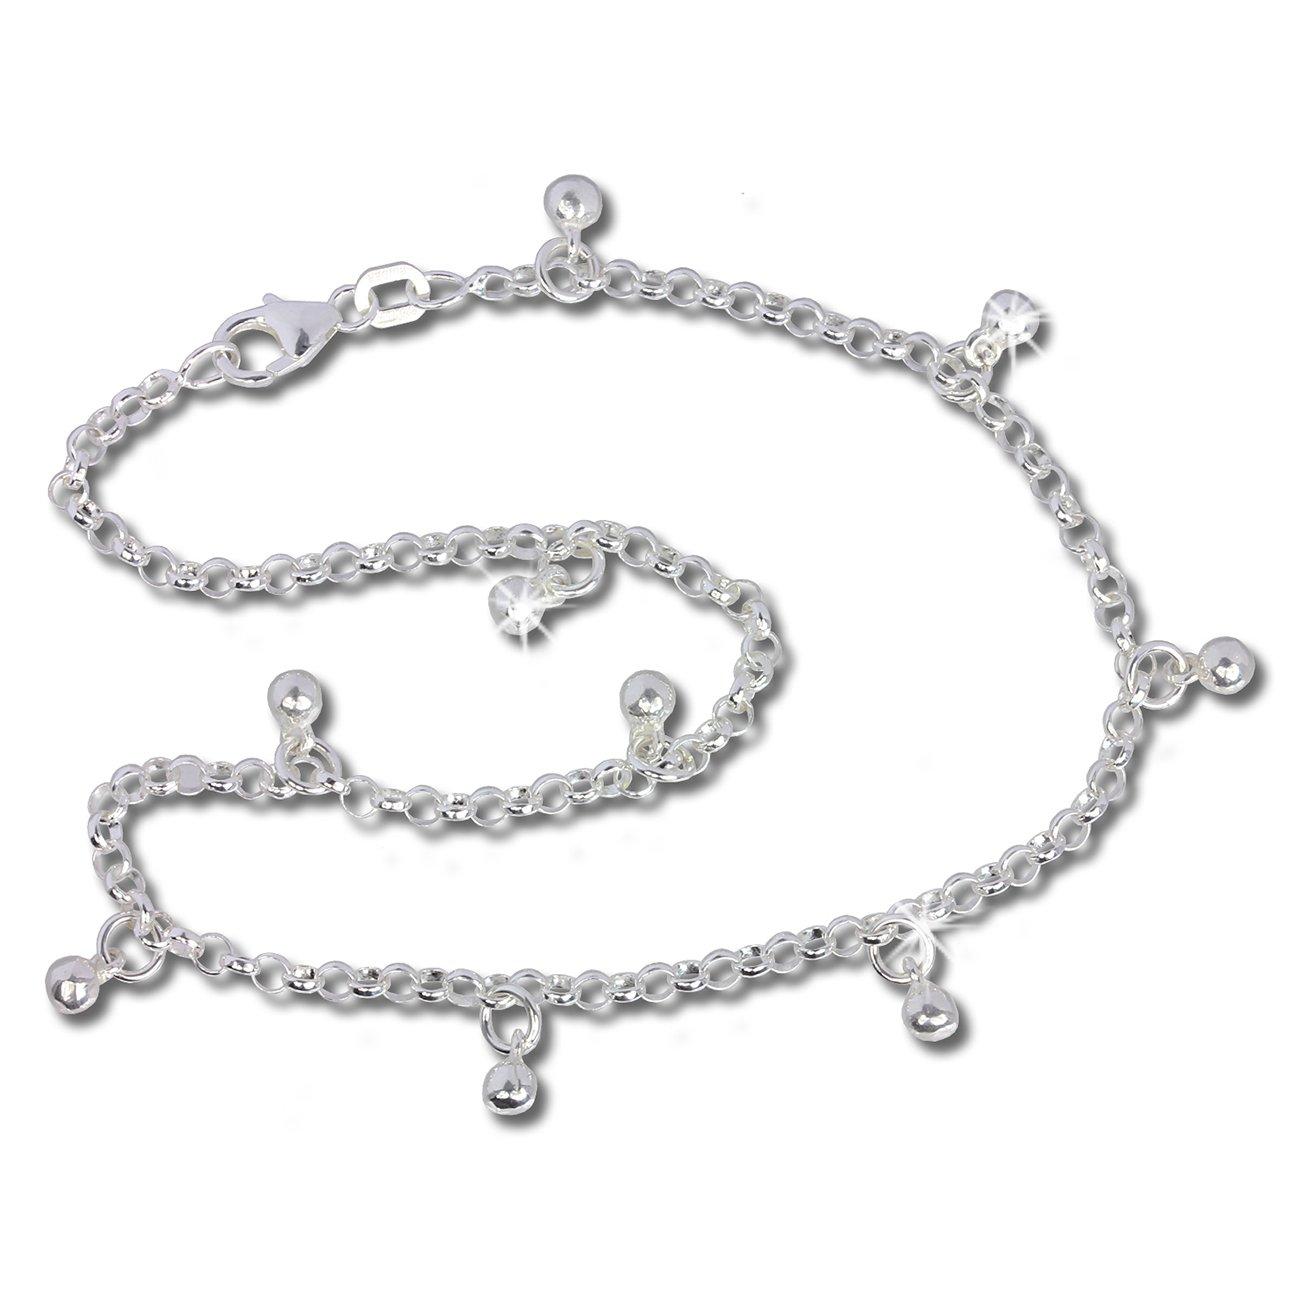 Bracelet de cheville SDF015 longeur env 25,5cm cha/îne de pied Bollywood SilberDream bijoux collection